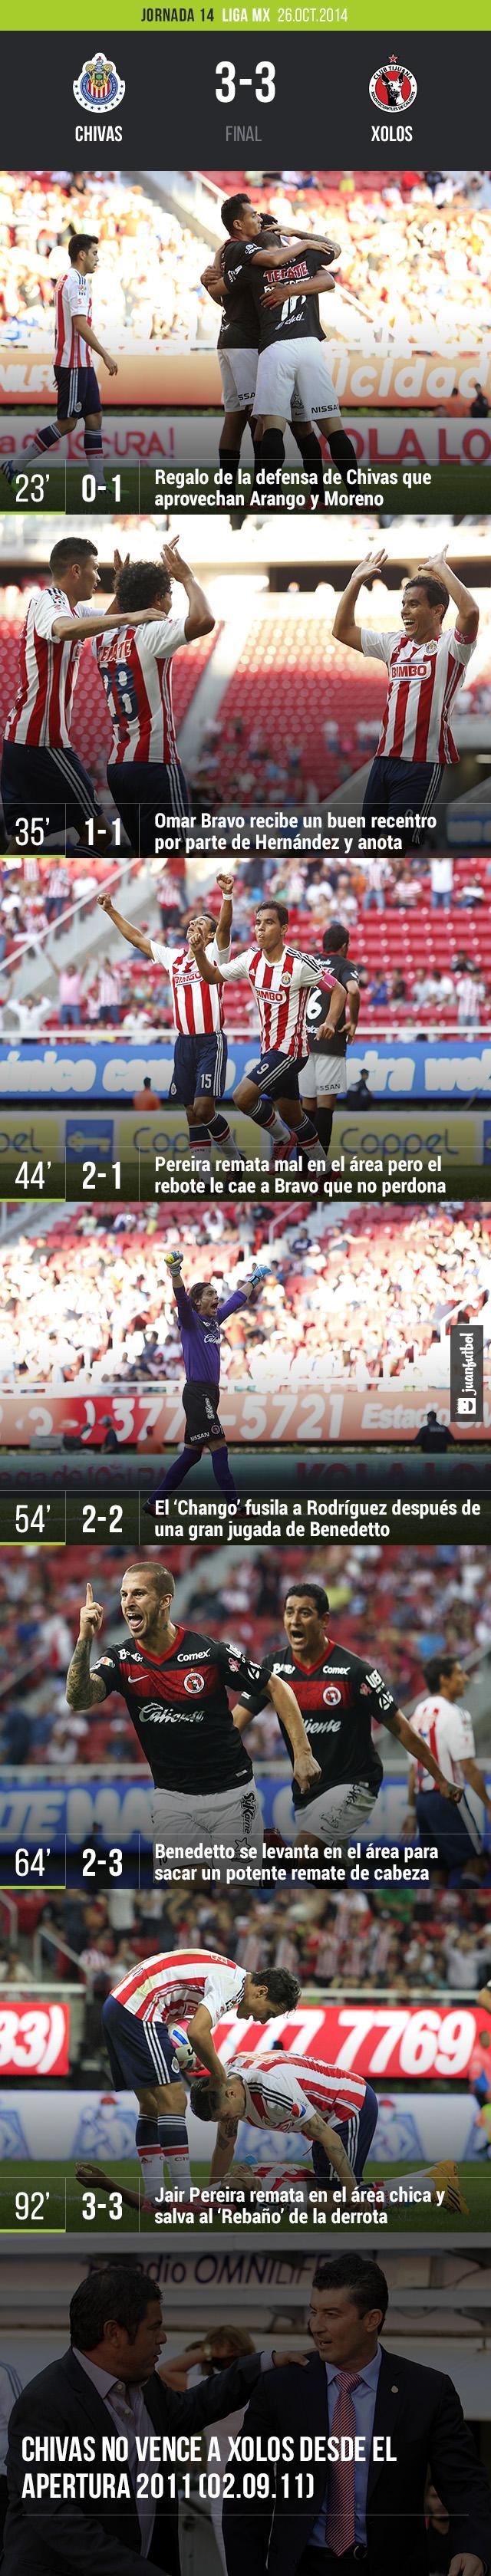 Chivas empata 3-3 contra Xolos en el estadio Omnilife como parte de la Jornada 14 de la Liga MX